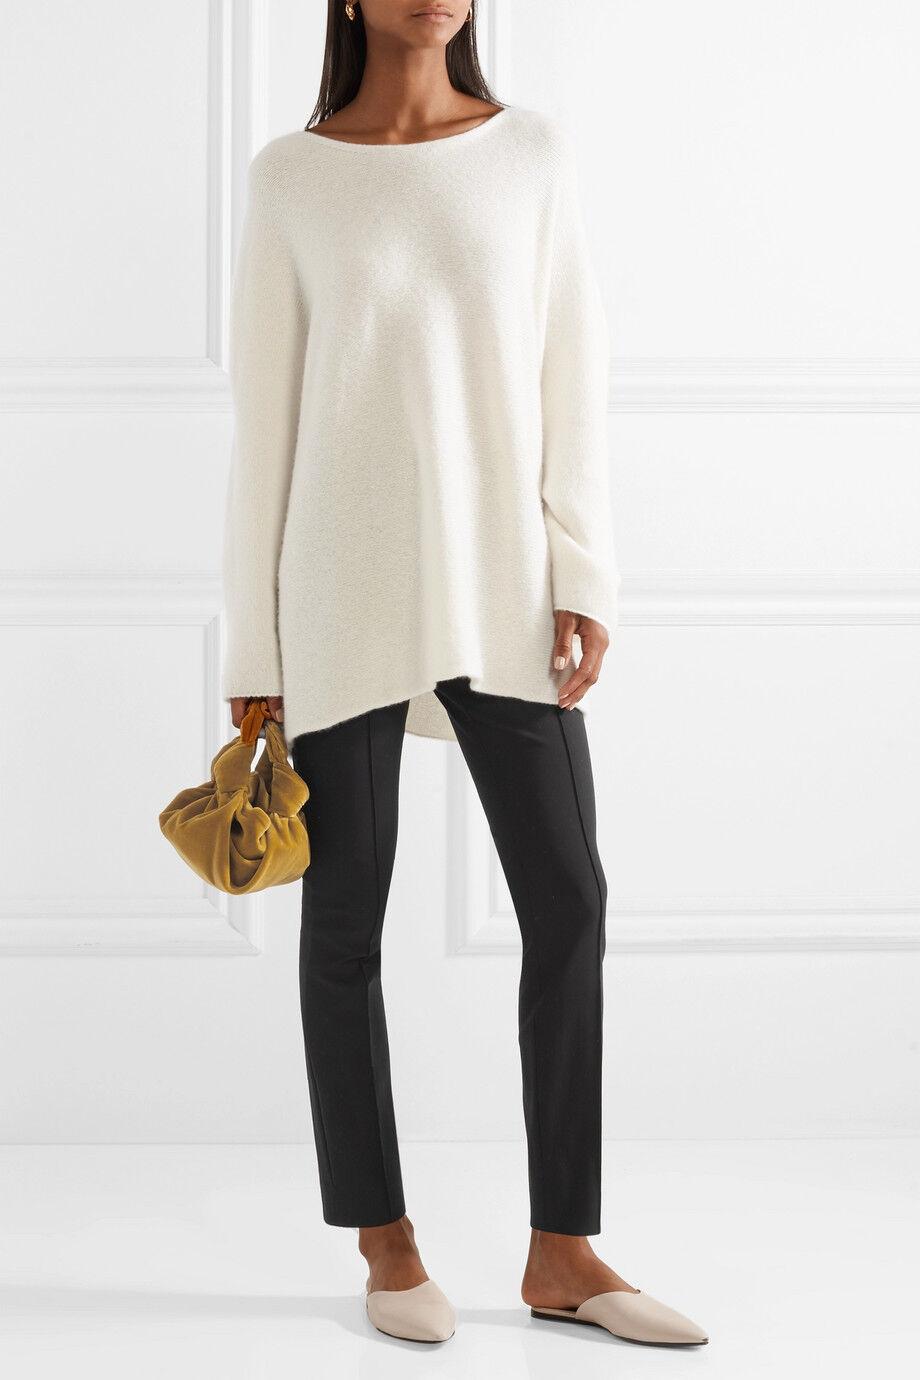 Nuevo  650 la  fila Cosso Mezcla de Algodón Pantalones en Negro Talla 4 S  tienda de bajo costo